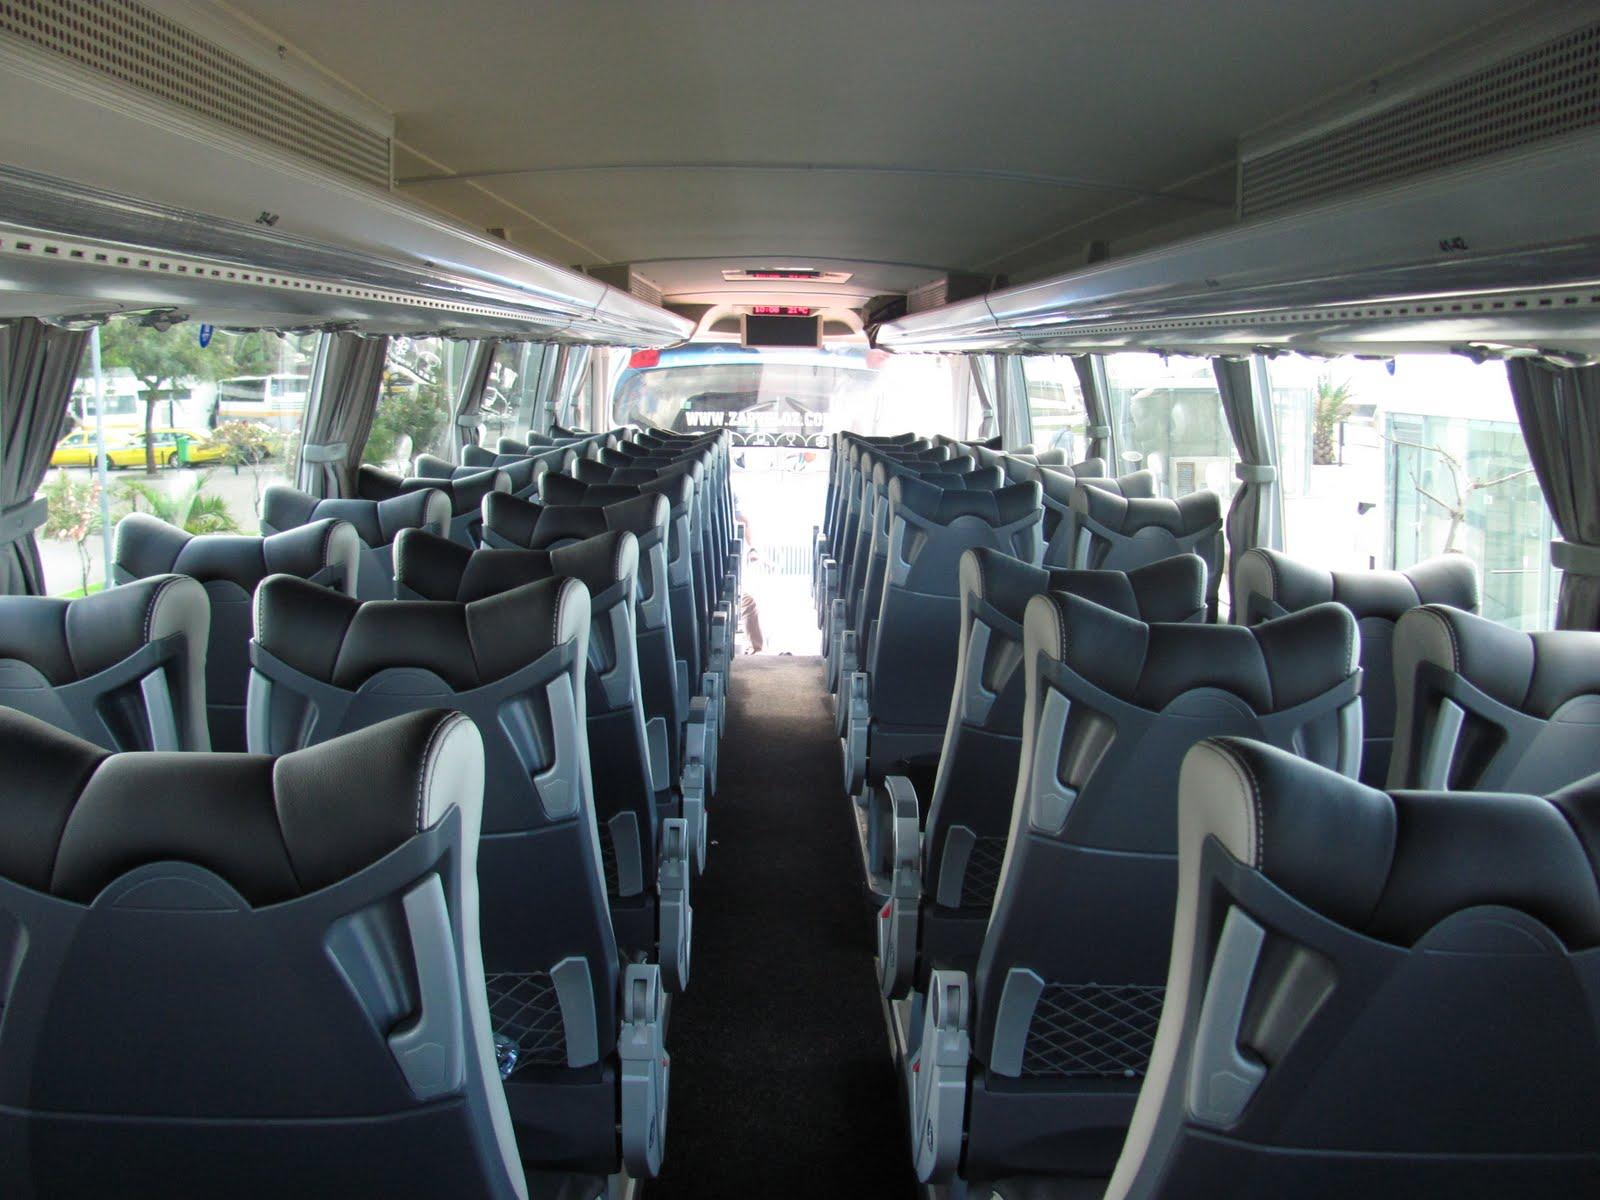 Número de autocarros públicos a circular em S.Jorge não irá aumentar